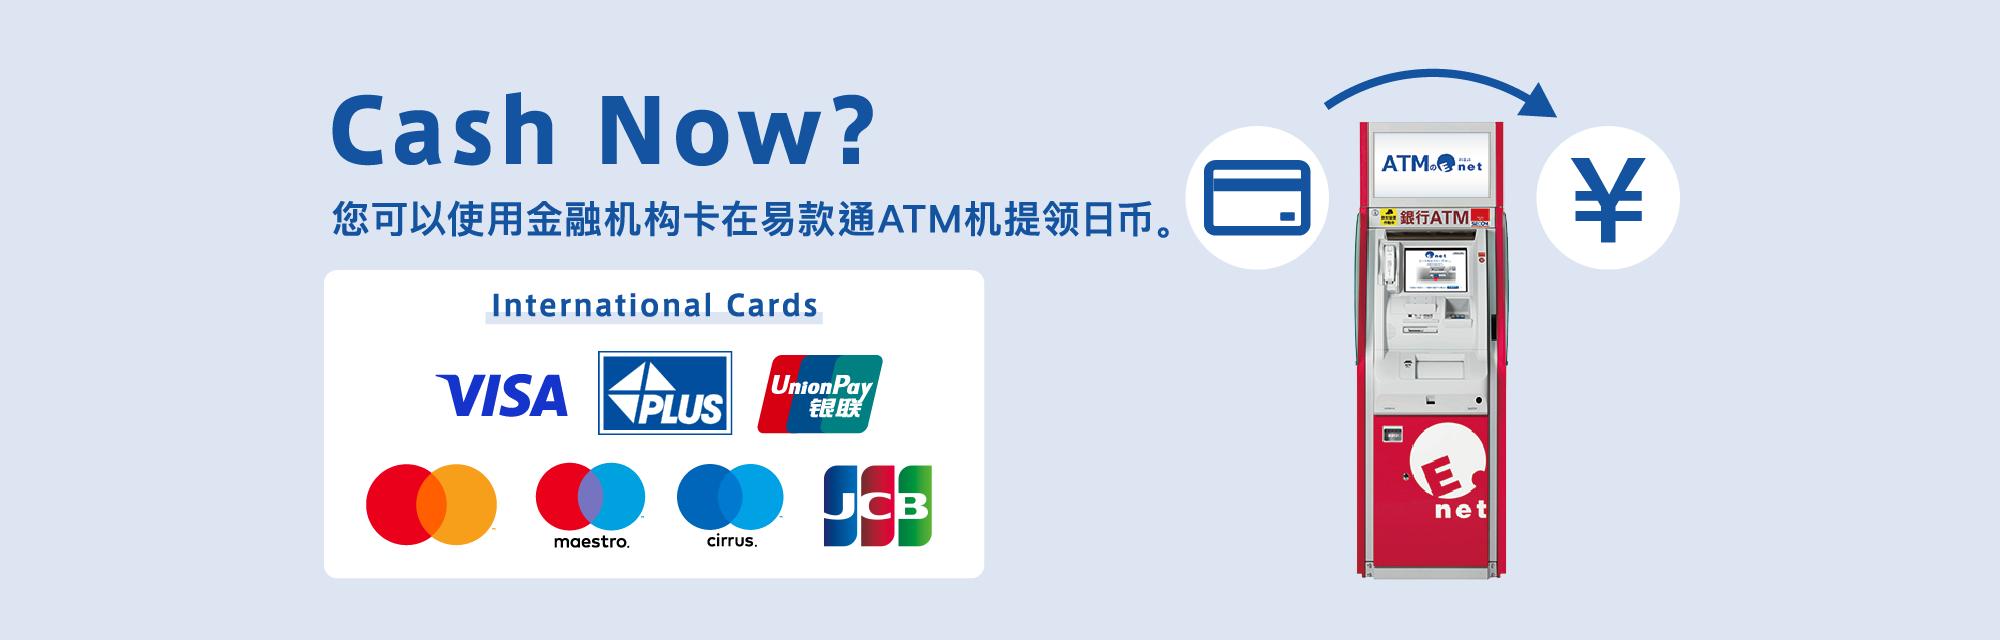 您可使用海外发行的现金卡和信用卡提取日元!